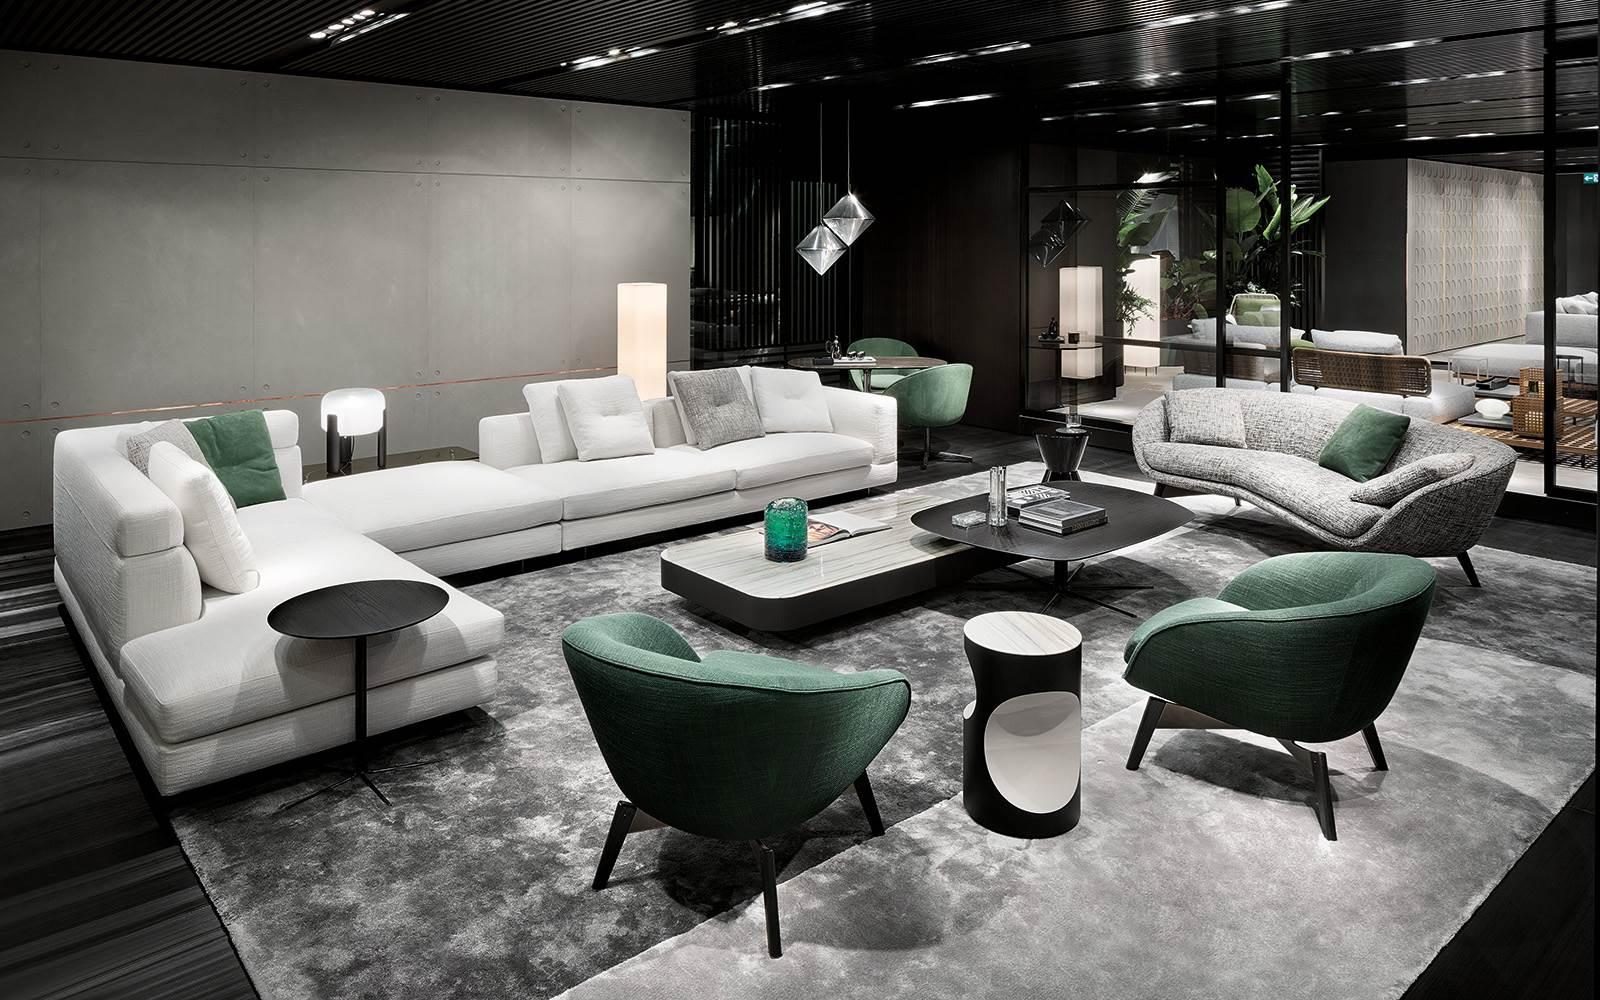 imm cologne 2019. Black Bedroom Furniture Sets. Home Design Ideas